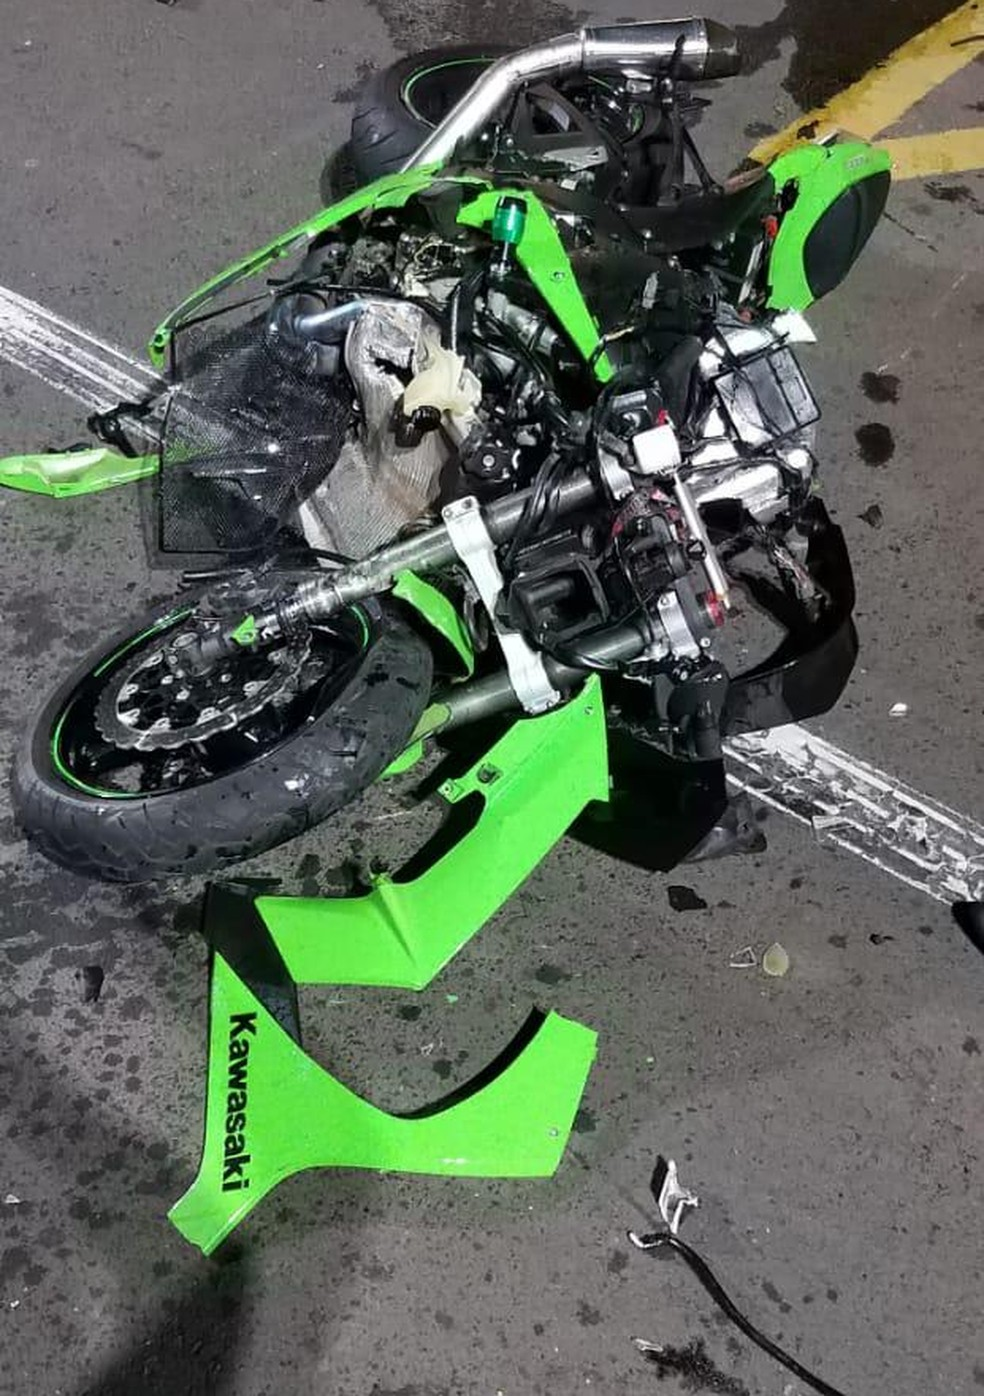 Motocicleta ficou destruída após bater em carro em Marília (SP) na noite desta sexta-feira (2) — Foto: Reprodução/ Redes Sociais